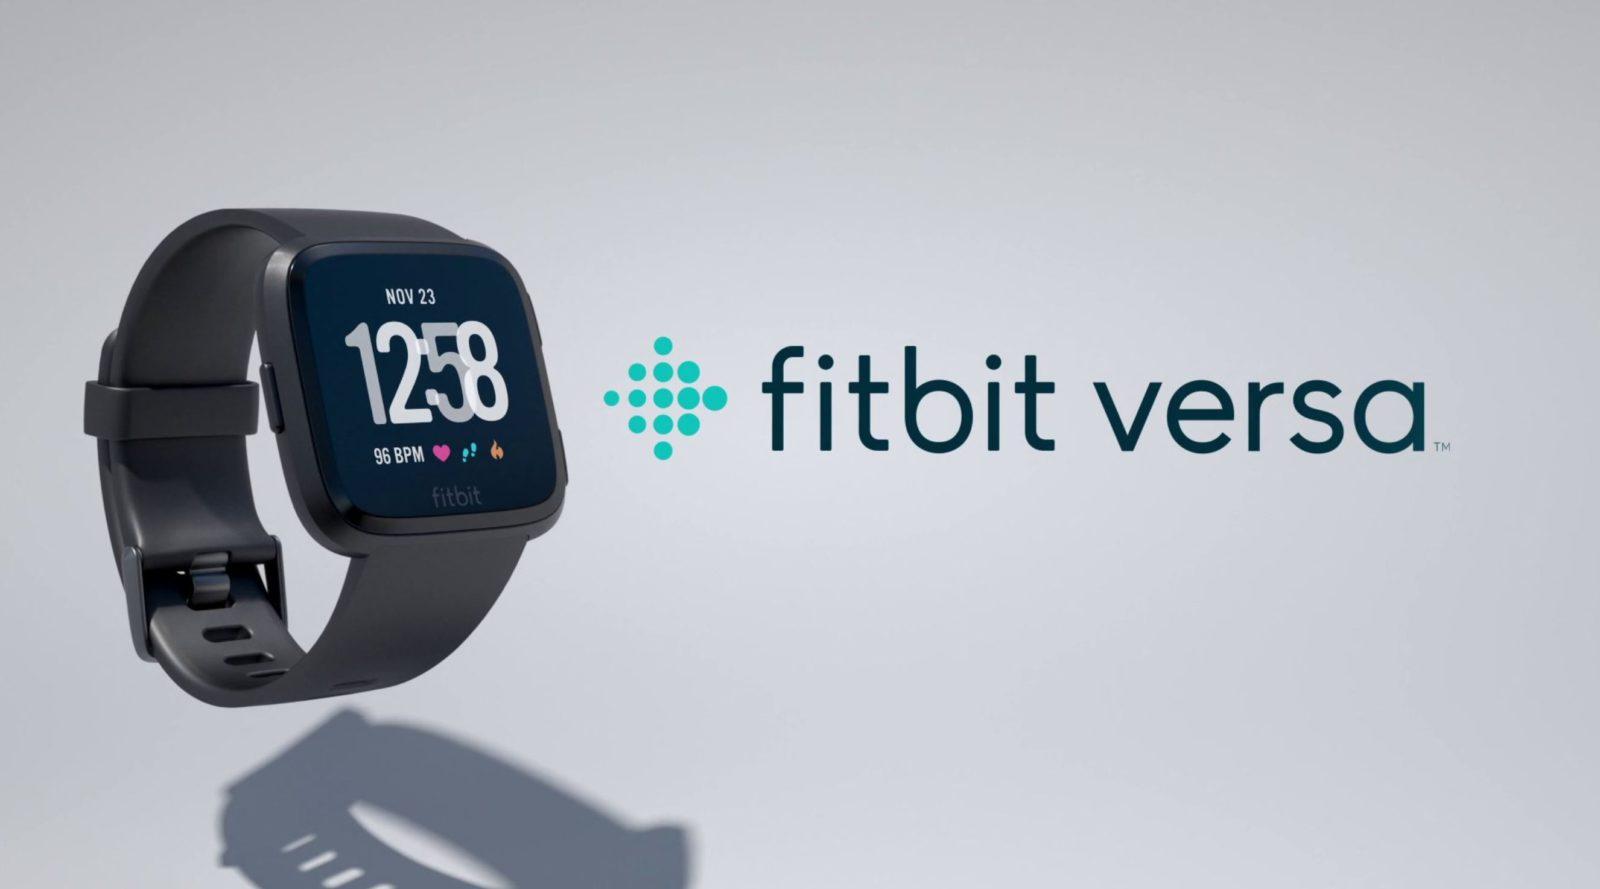 a2e25ed6a تسريب صور لساعة Fitbit Versa – الآخبار الآن